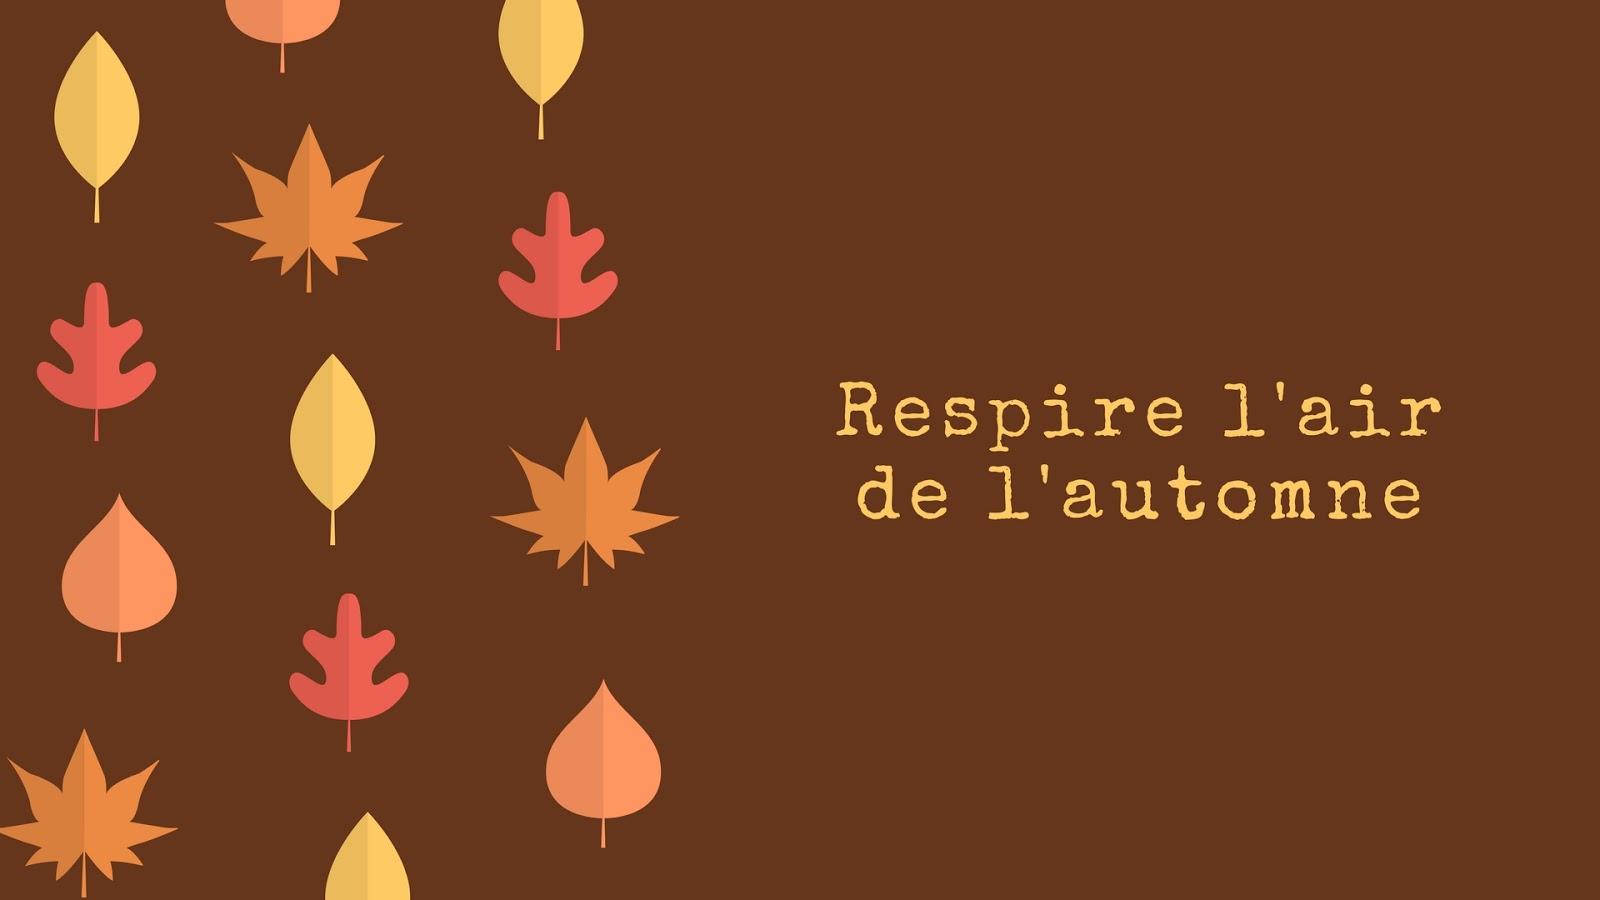 respire l'air de l'automne